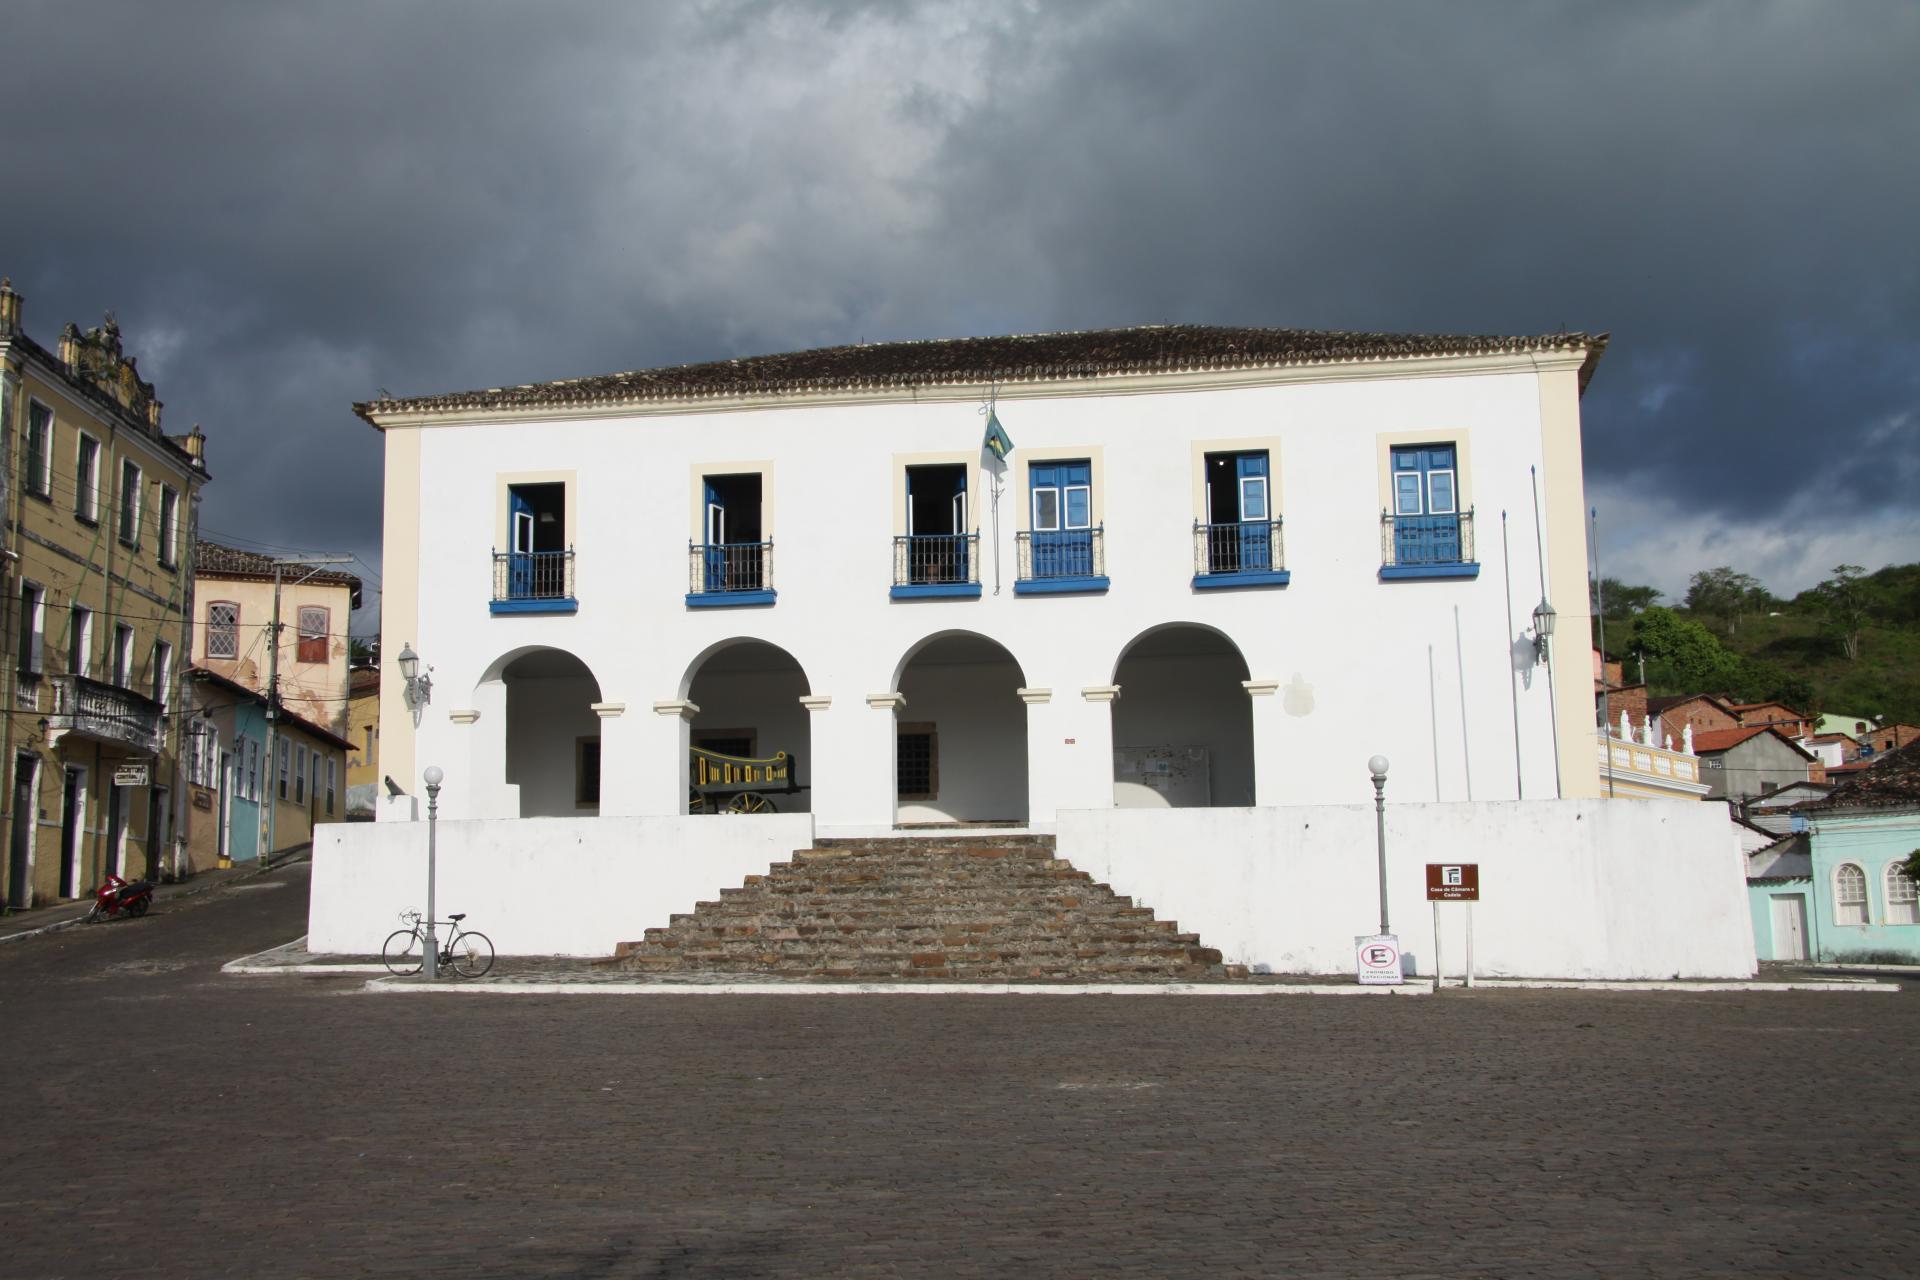 Tagestour Das koloniale Erbe Bahias (9h, privat): Kolonialgebäude